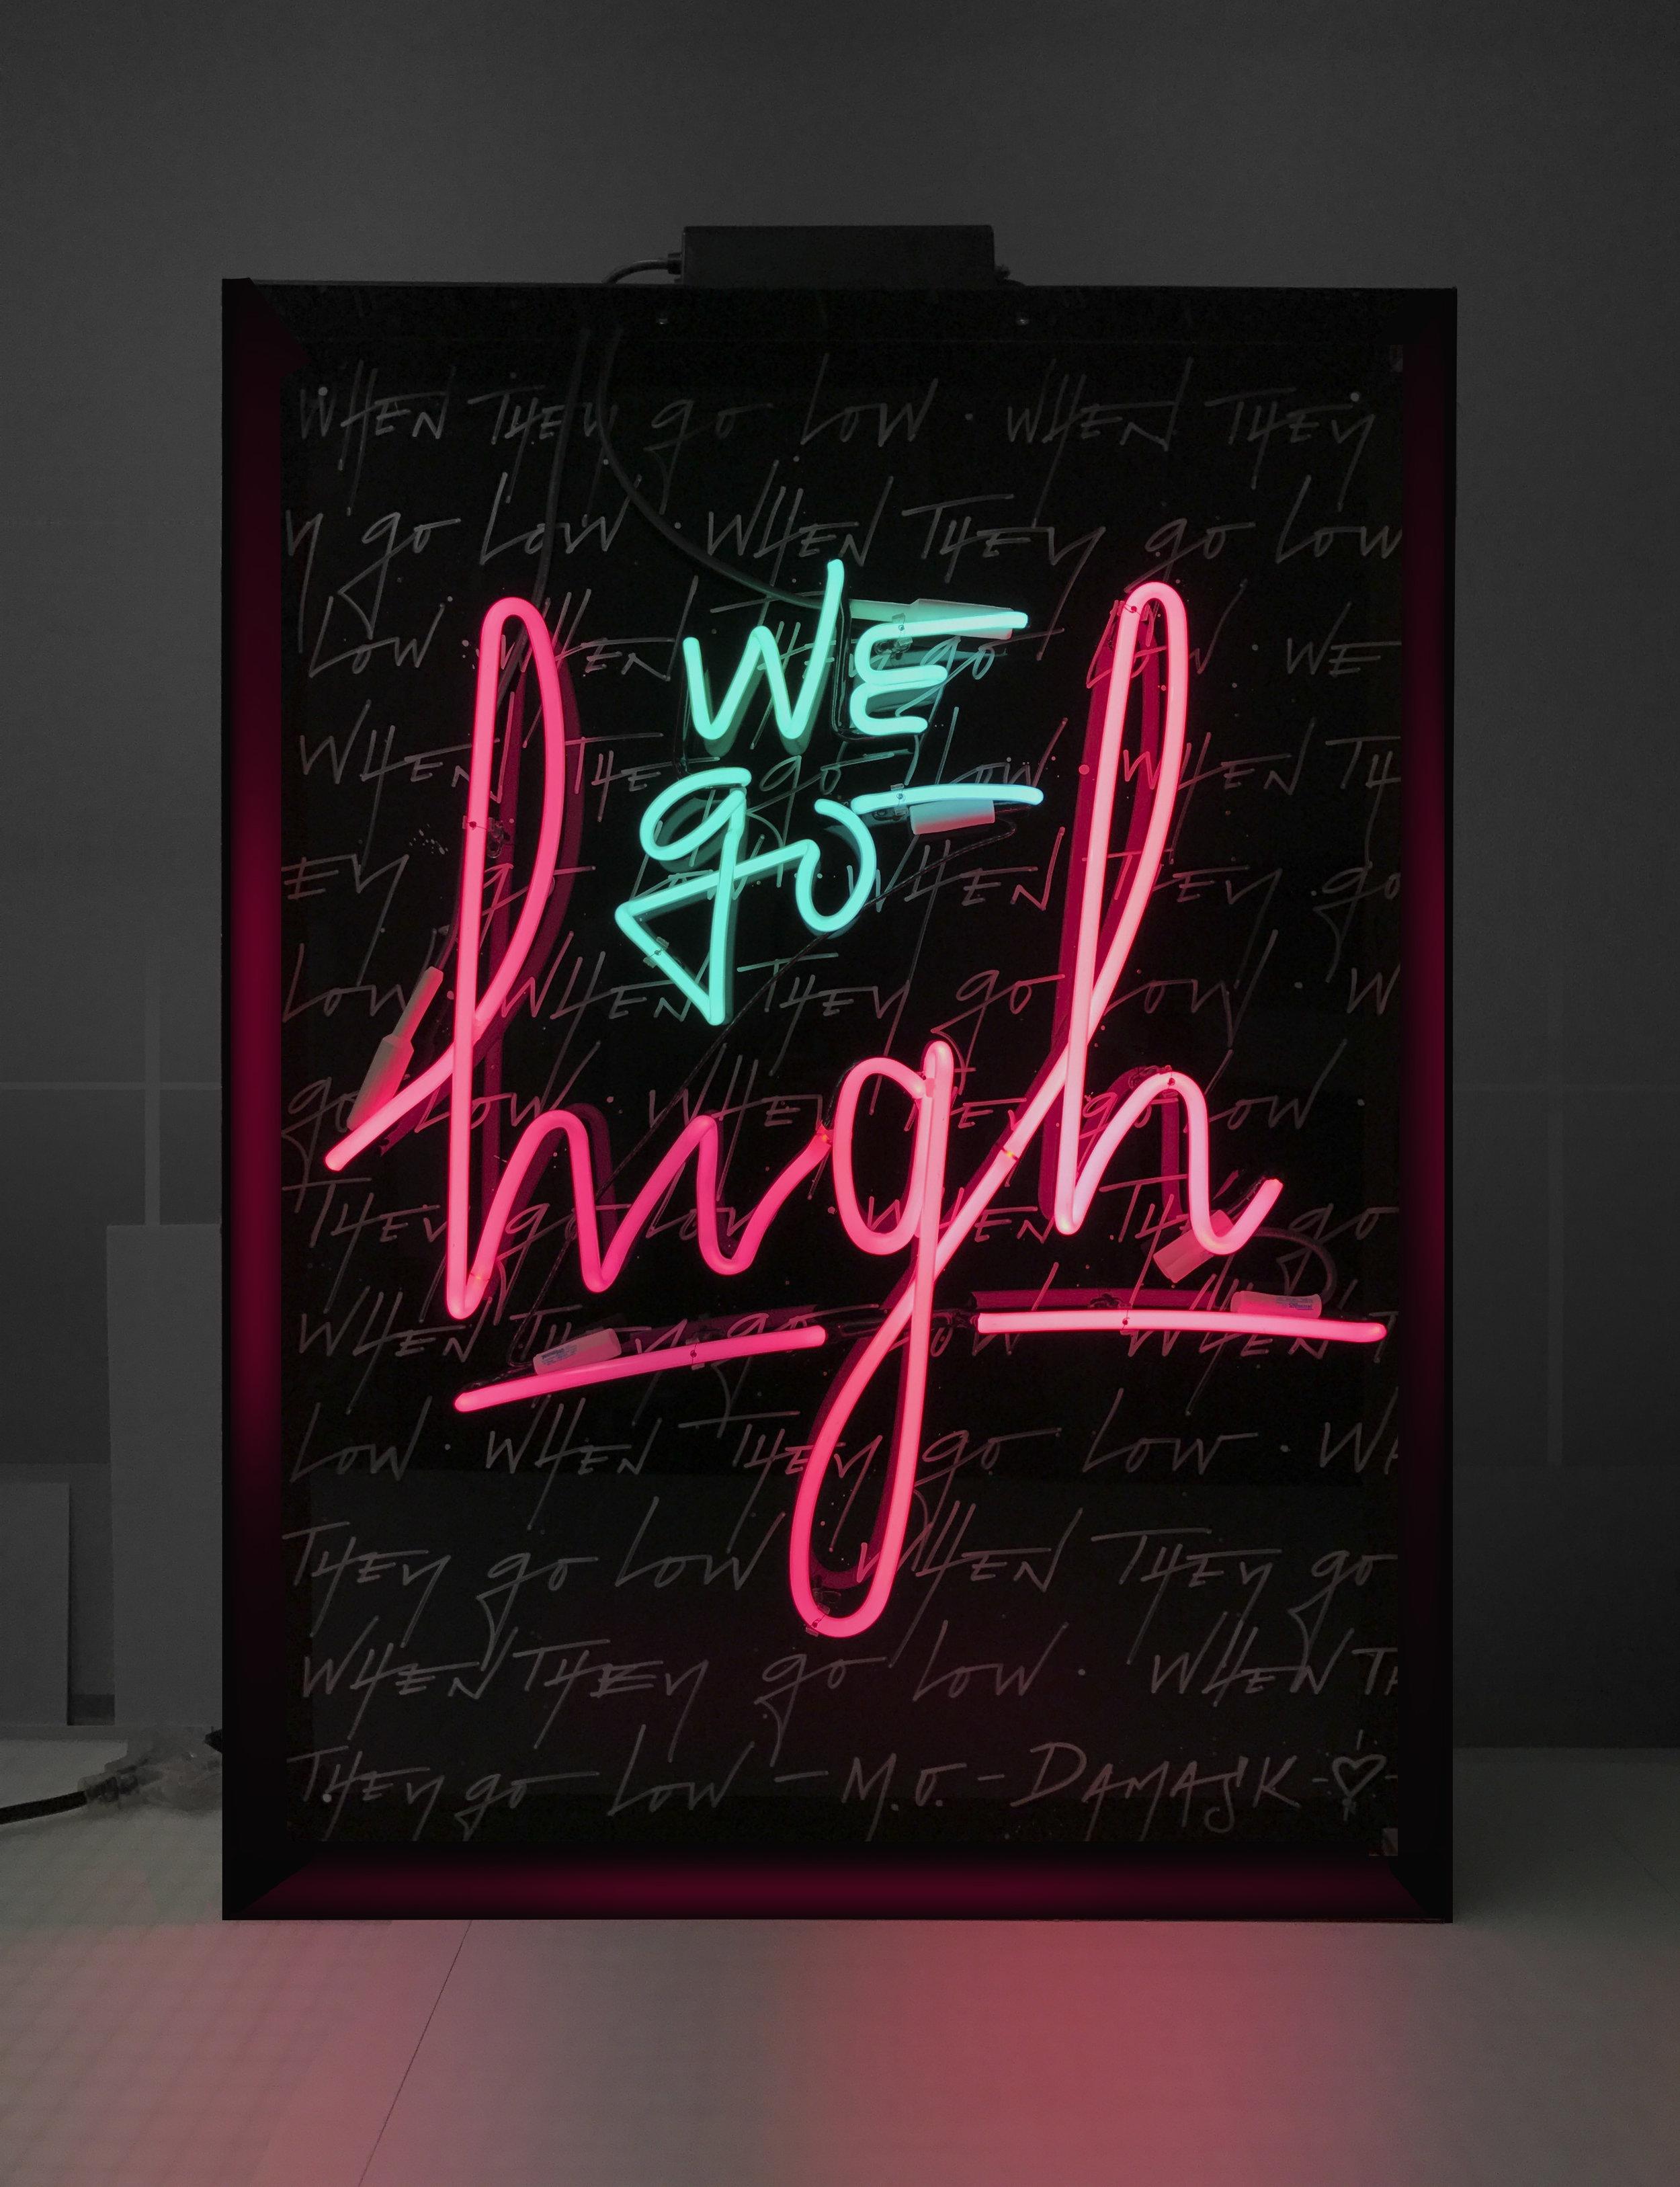 calligraphy-neon-camilo-rojas.jpg